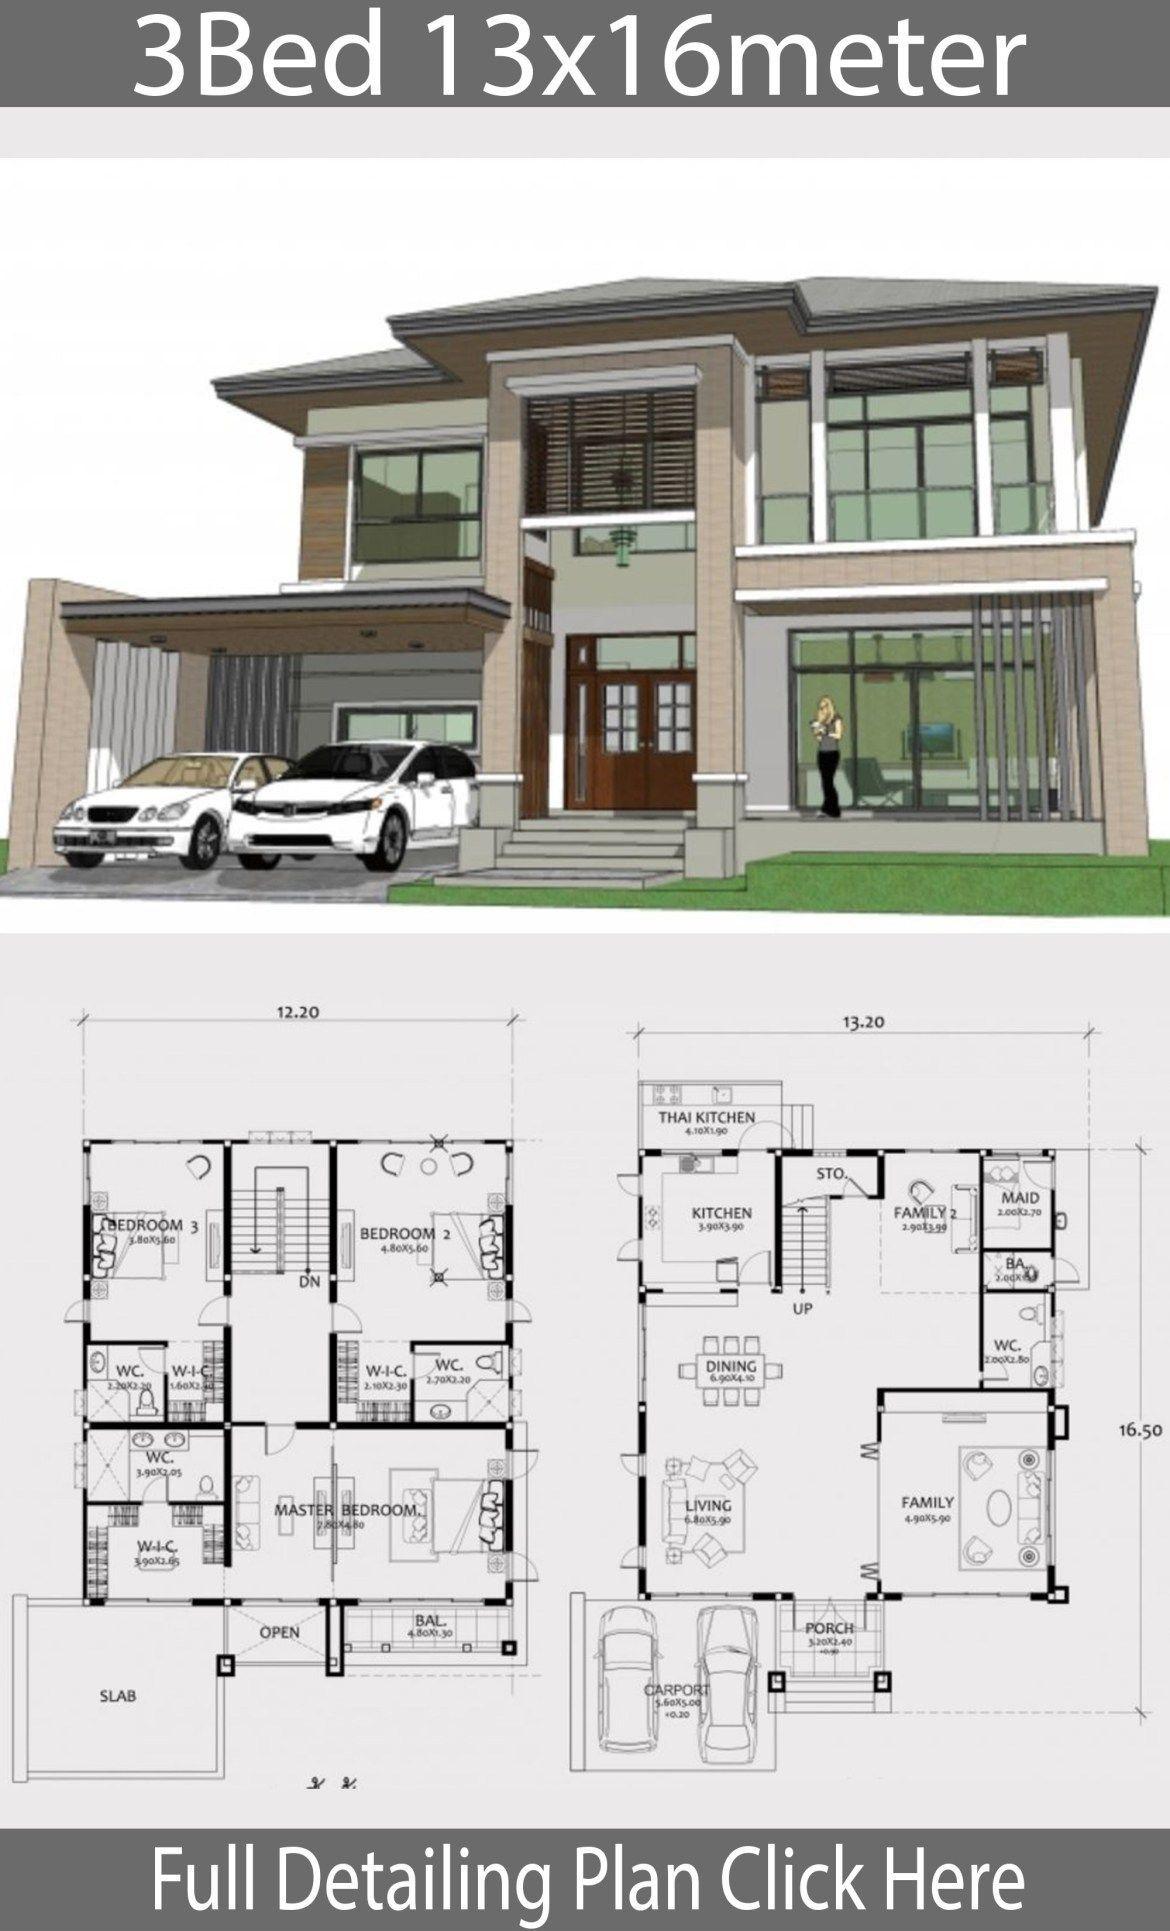 House Plans For Duplexes Three Bedroom 2020 Arsitektur Rumah Arsitektur Rumah Impian